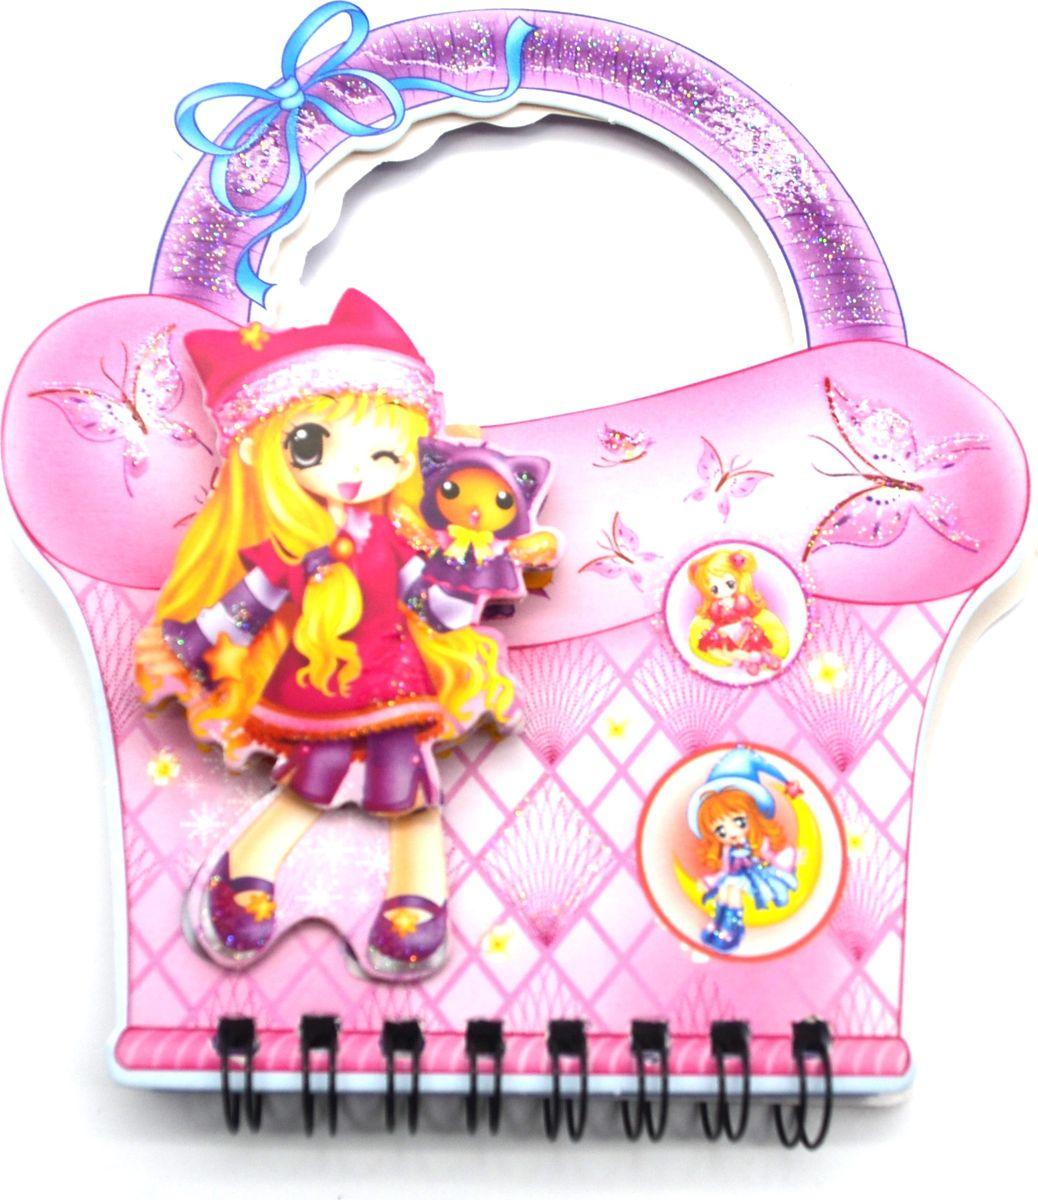 Карамба Блокнот Девочка на розовой корзинке 60 листов в линейку3536Блокнот Карамба Девочка на розовой корзинке содержит 60 листов в линейку.Блокнот станет достойным аксессуаром среди ваших канцелярских принадлежностей.